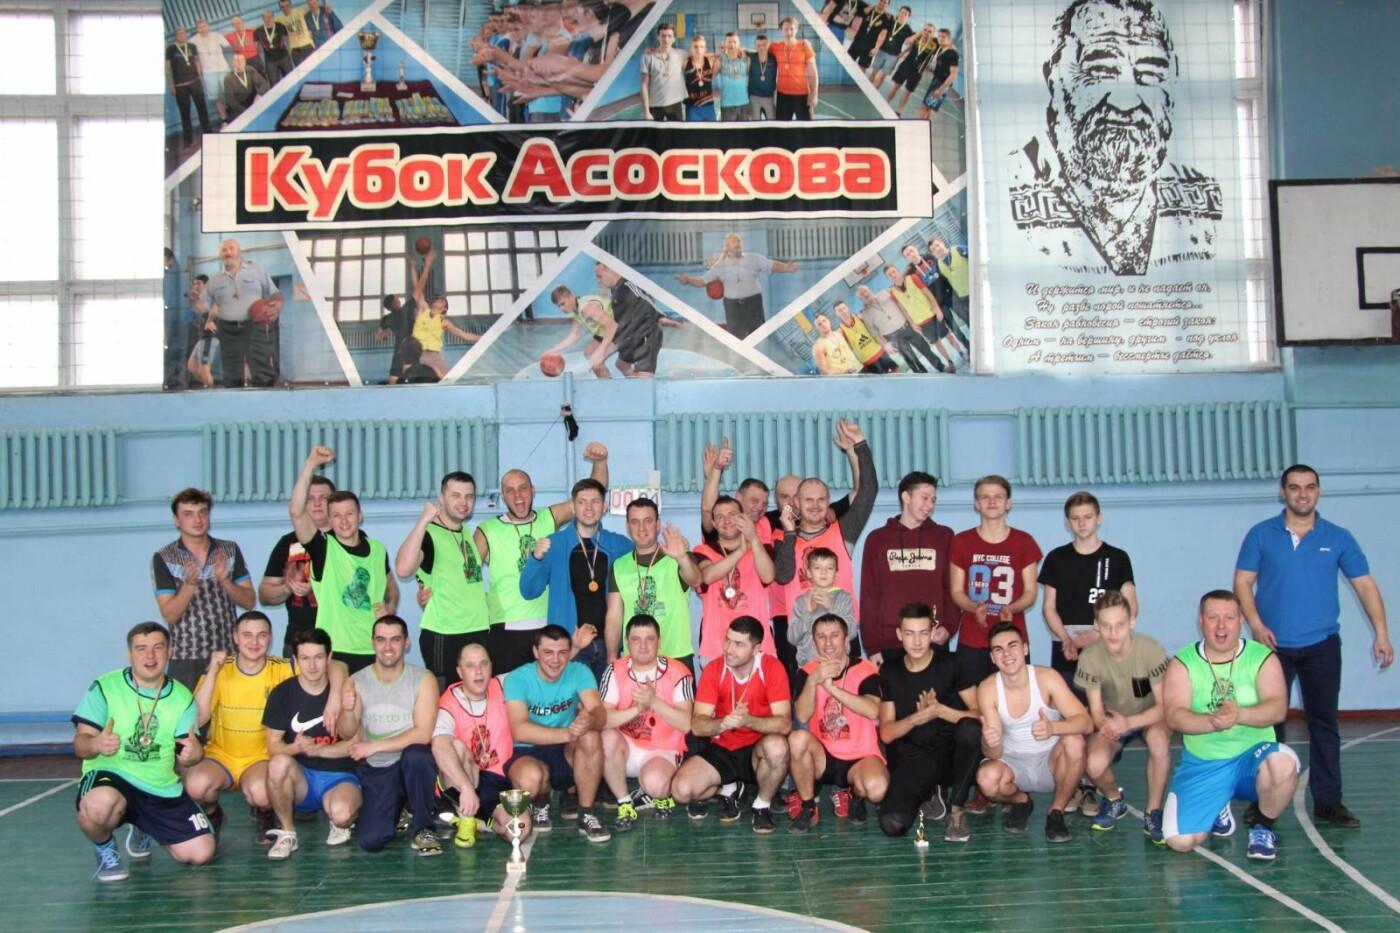 У Костянтинівці відбувся баскетбольний турнір «Кубок пам'яті Асоскова - 2020», фото-5